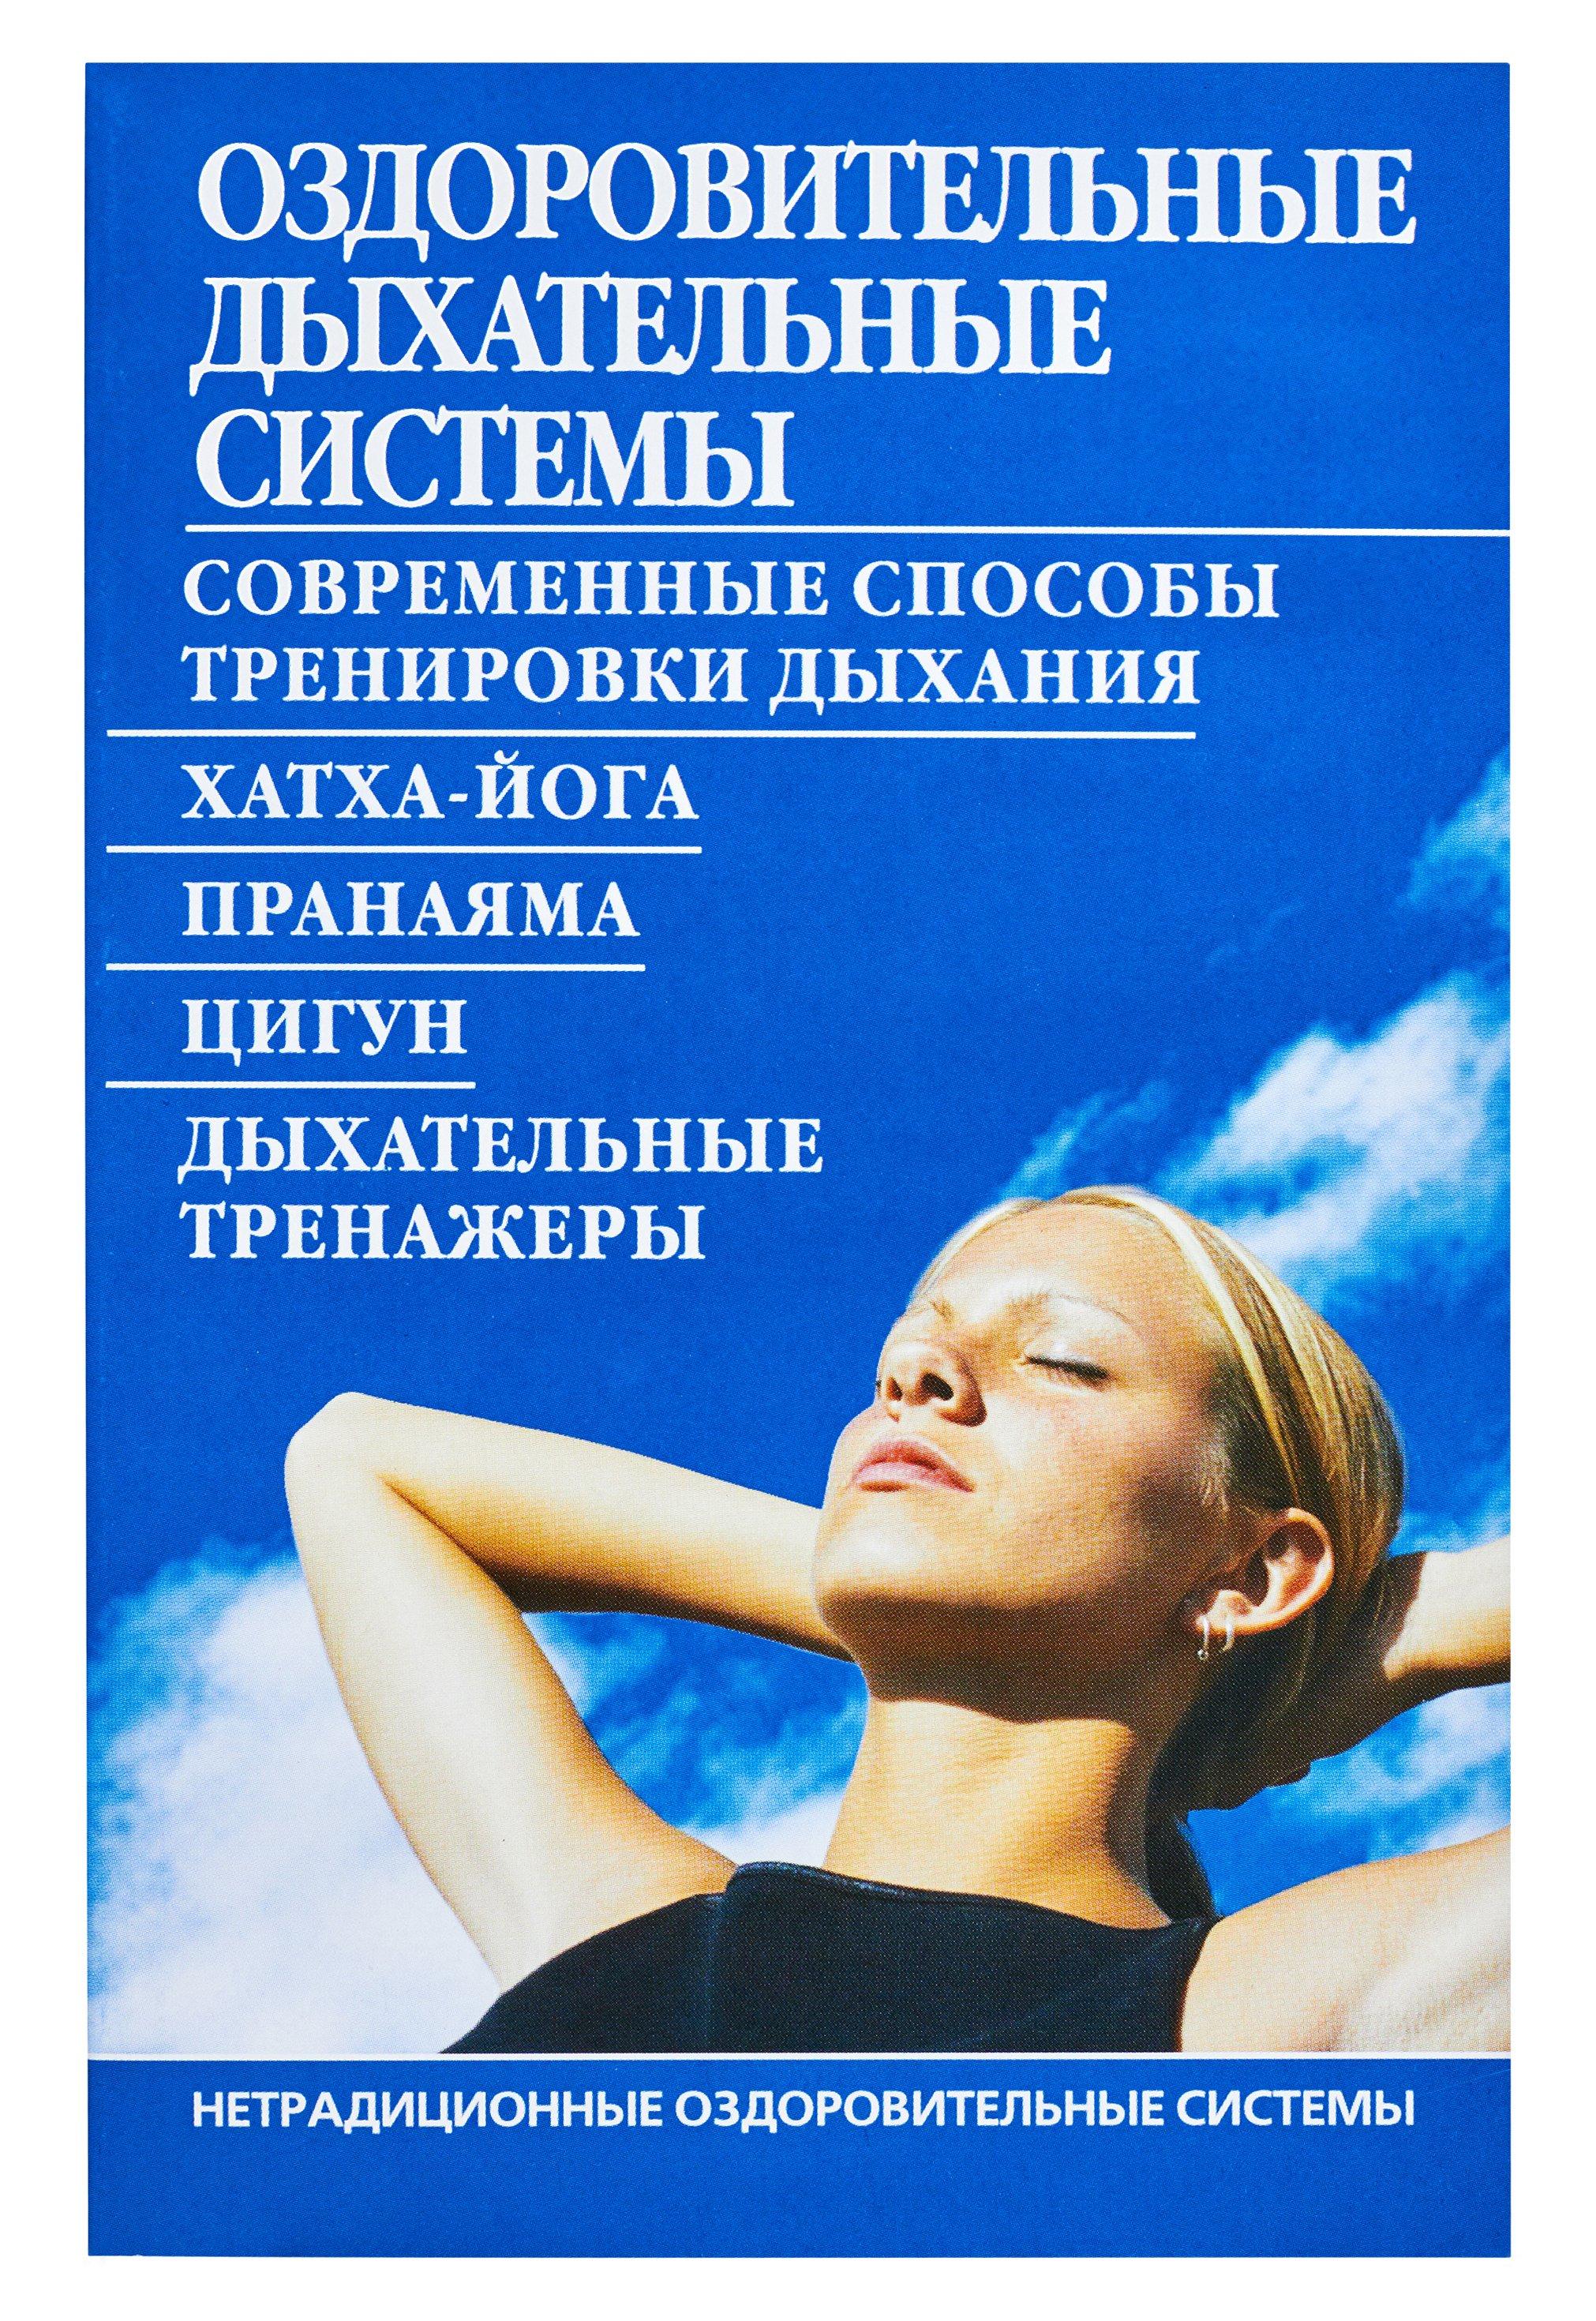 Бах Б. Оздоровительные дыхательные системы йога дыхания оздоровительные пранаямы на каждый день